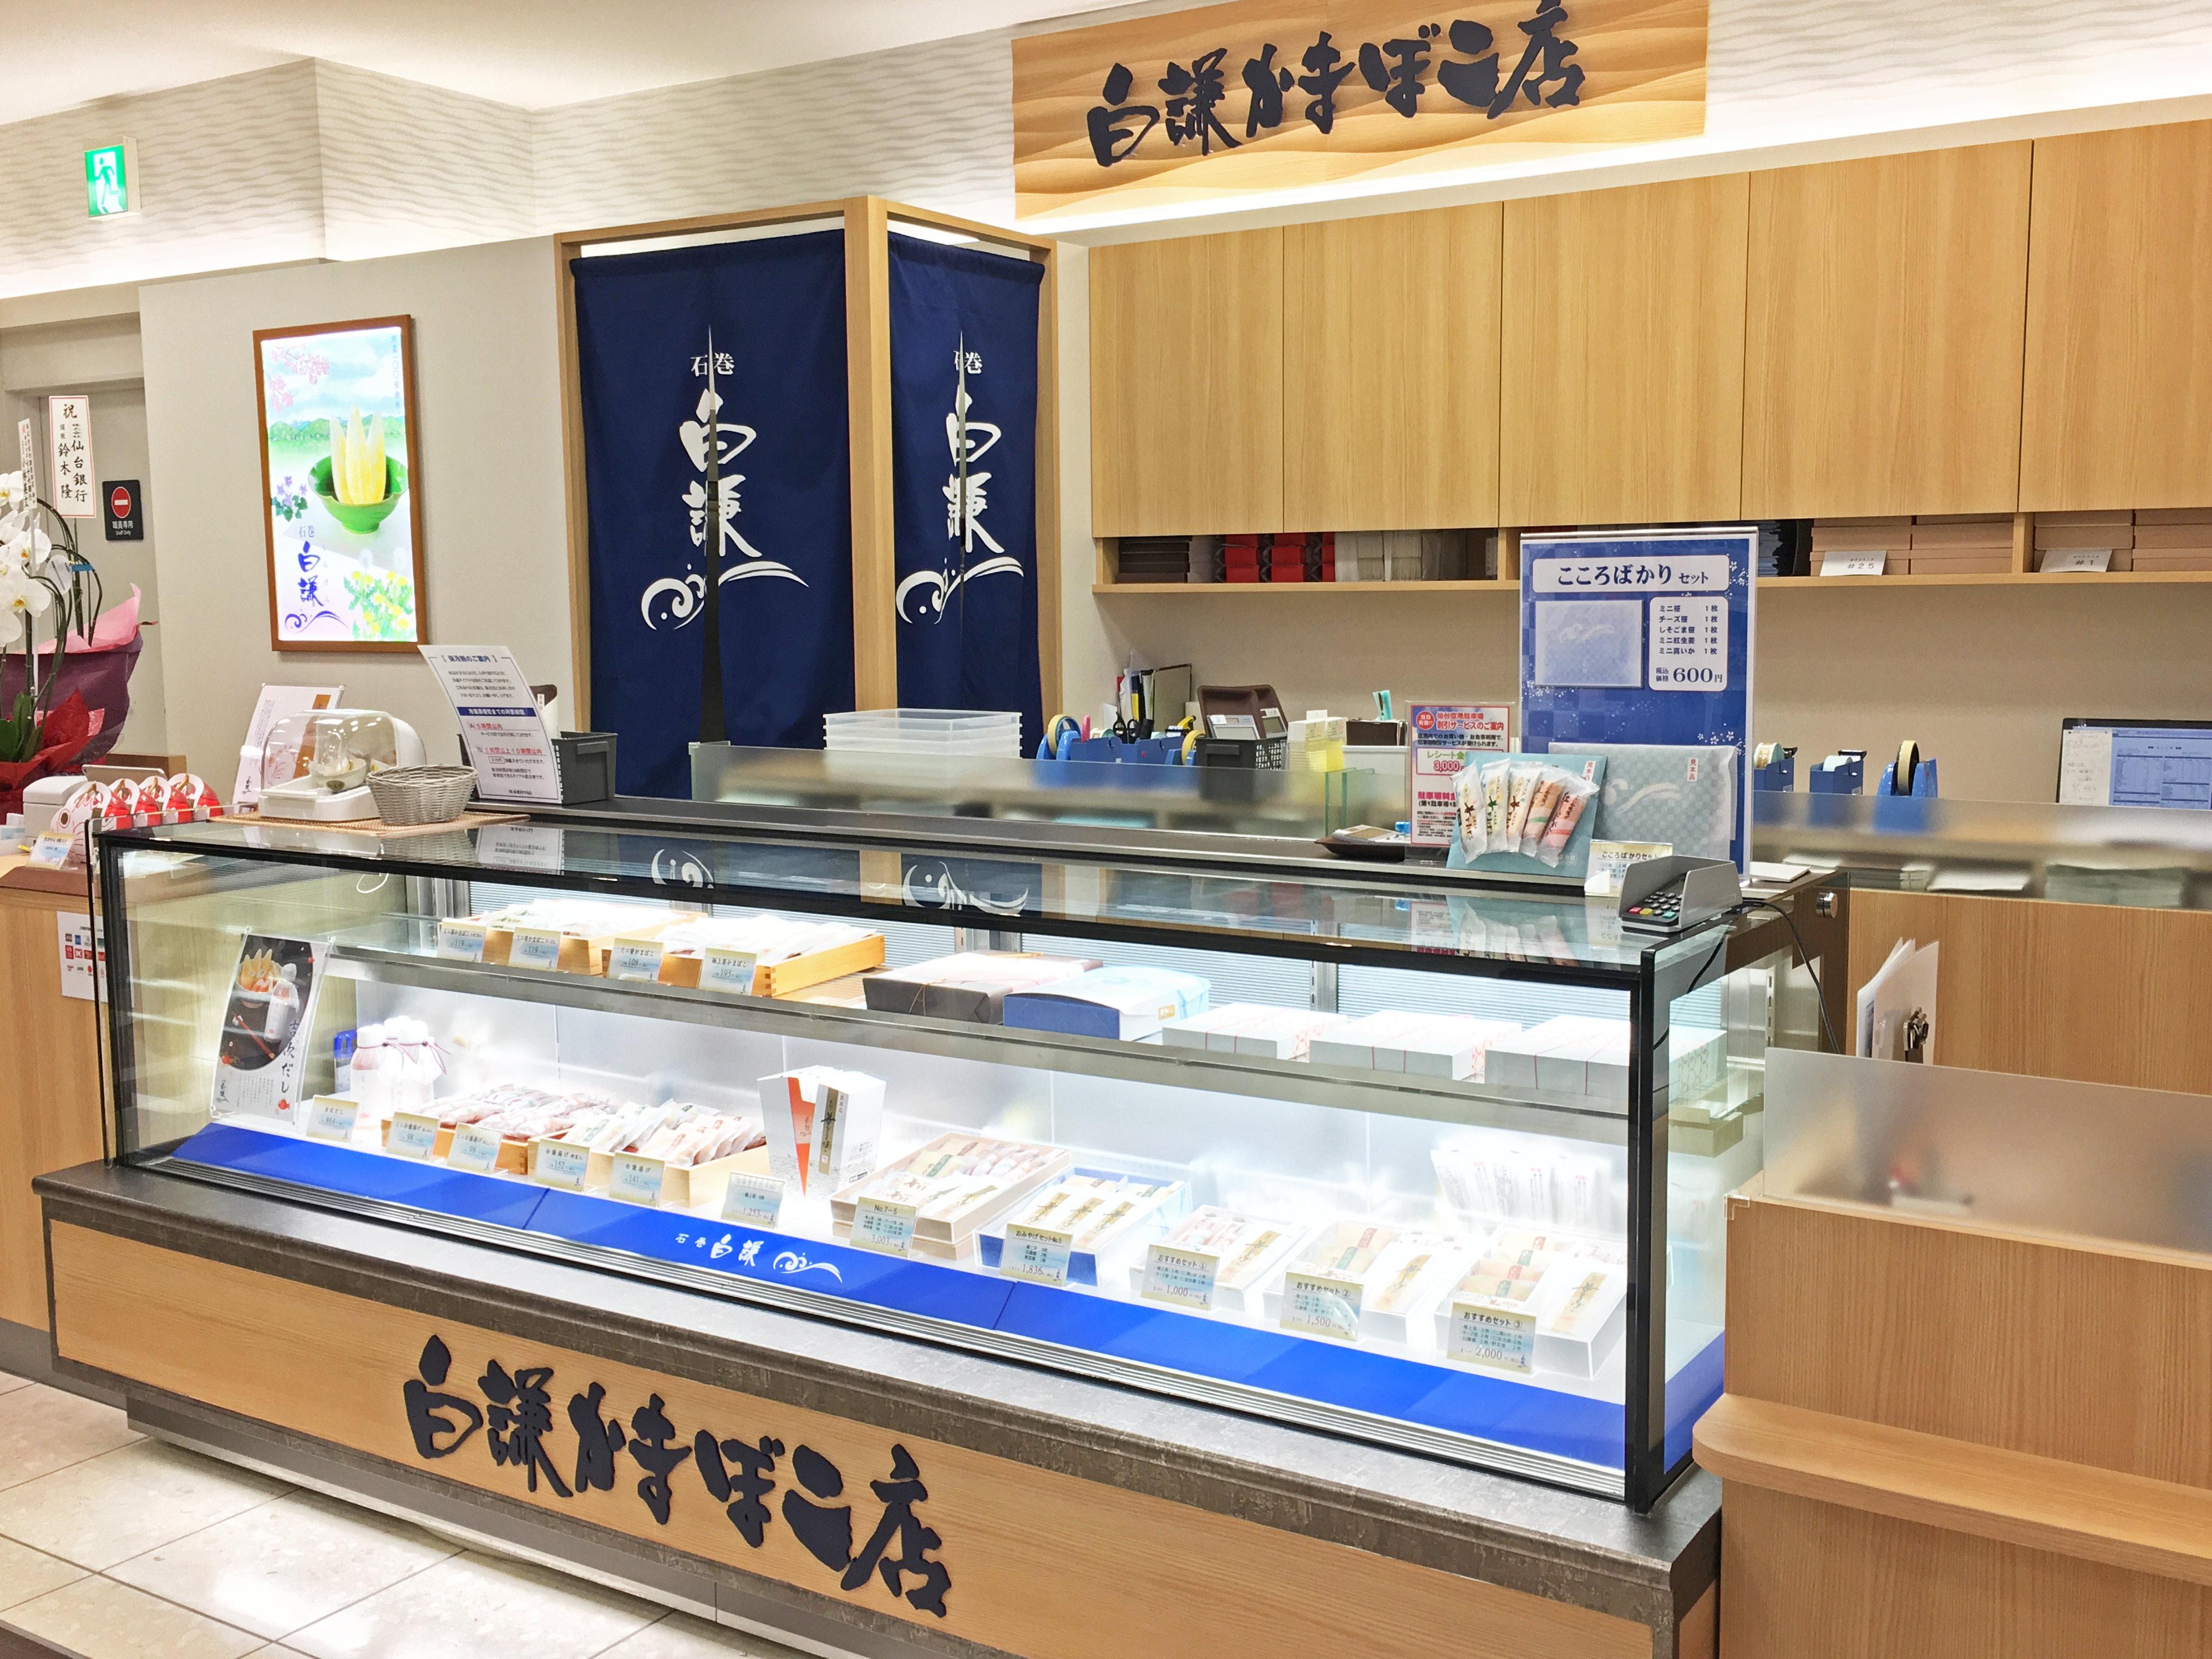 白謙かまぼこ店 仙台空港店